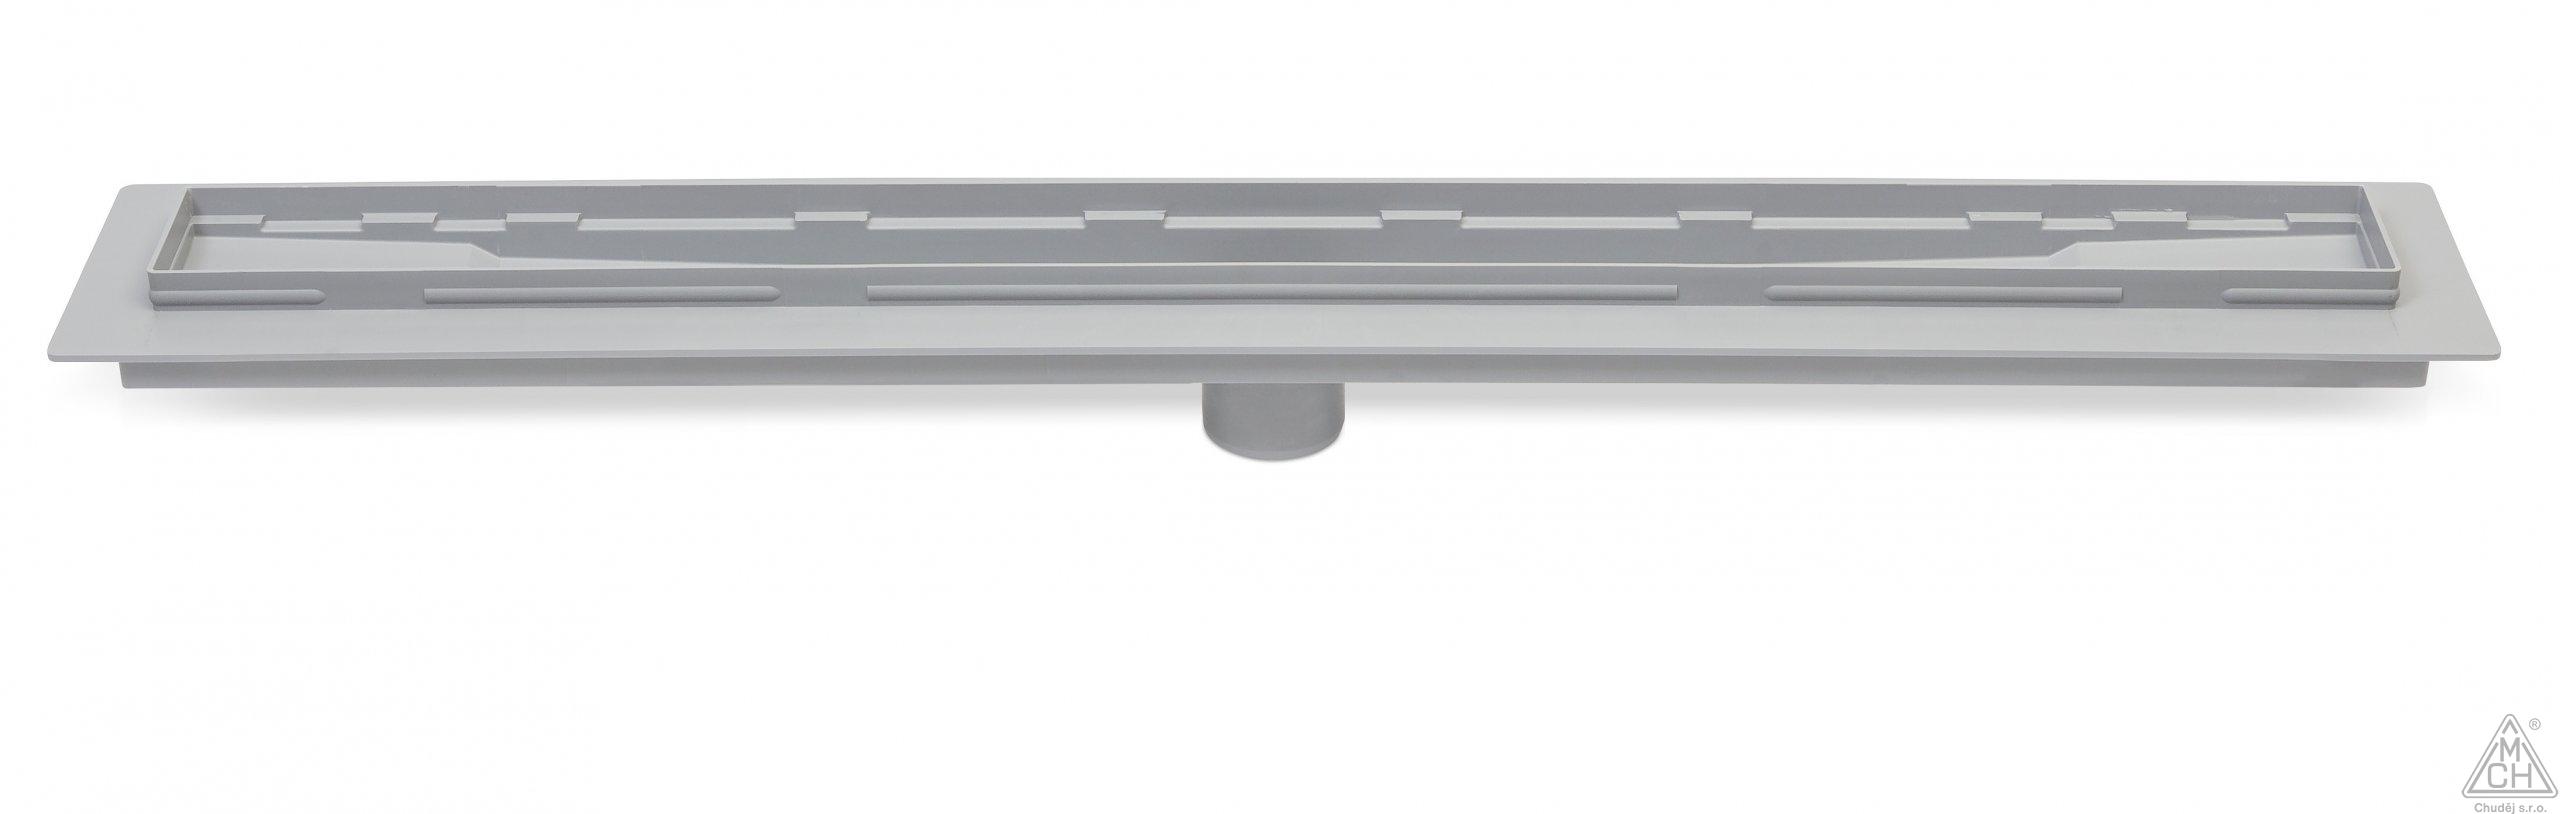 Odtokový žlab se spodní výpustí D50 (balení bez mřížky a sifonu)